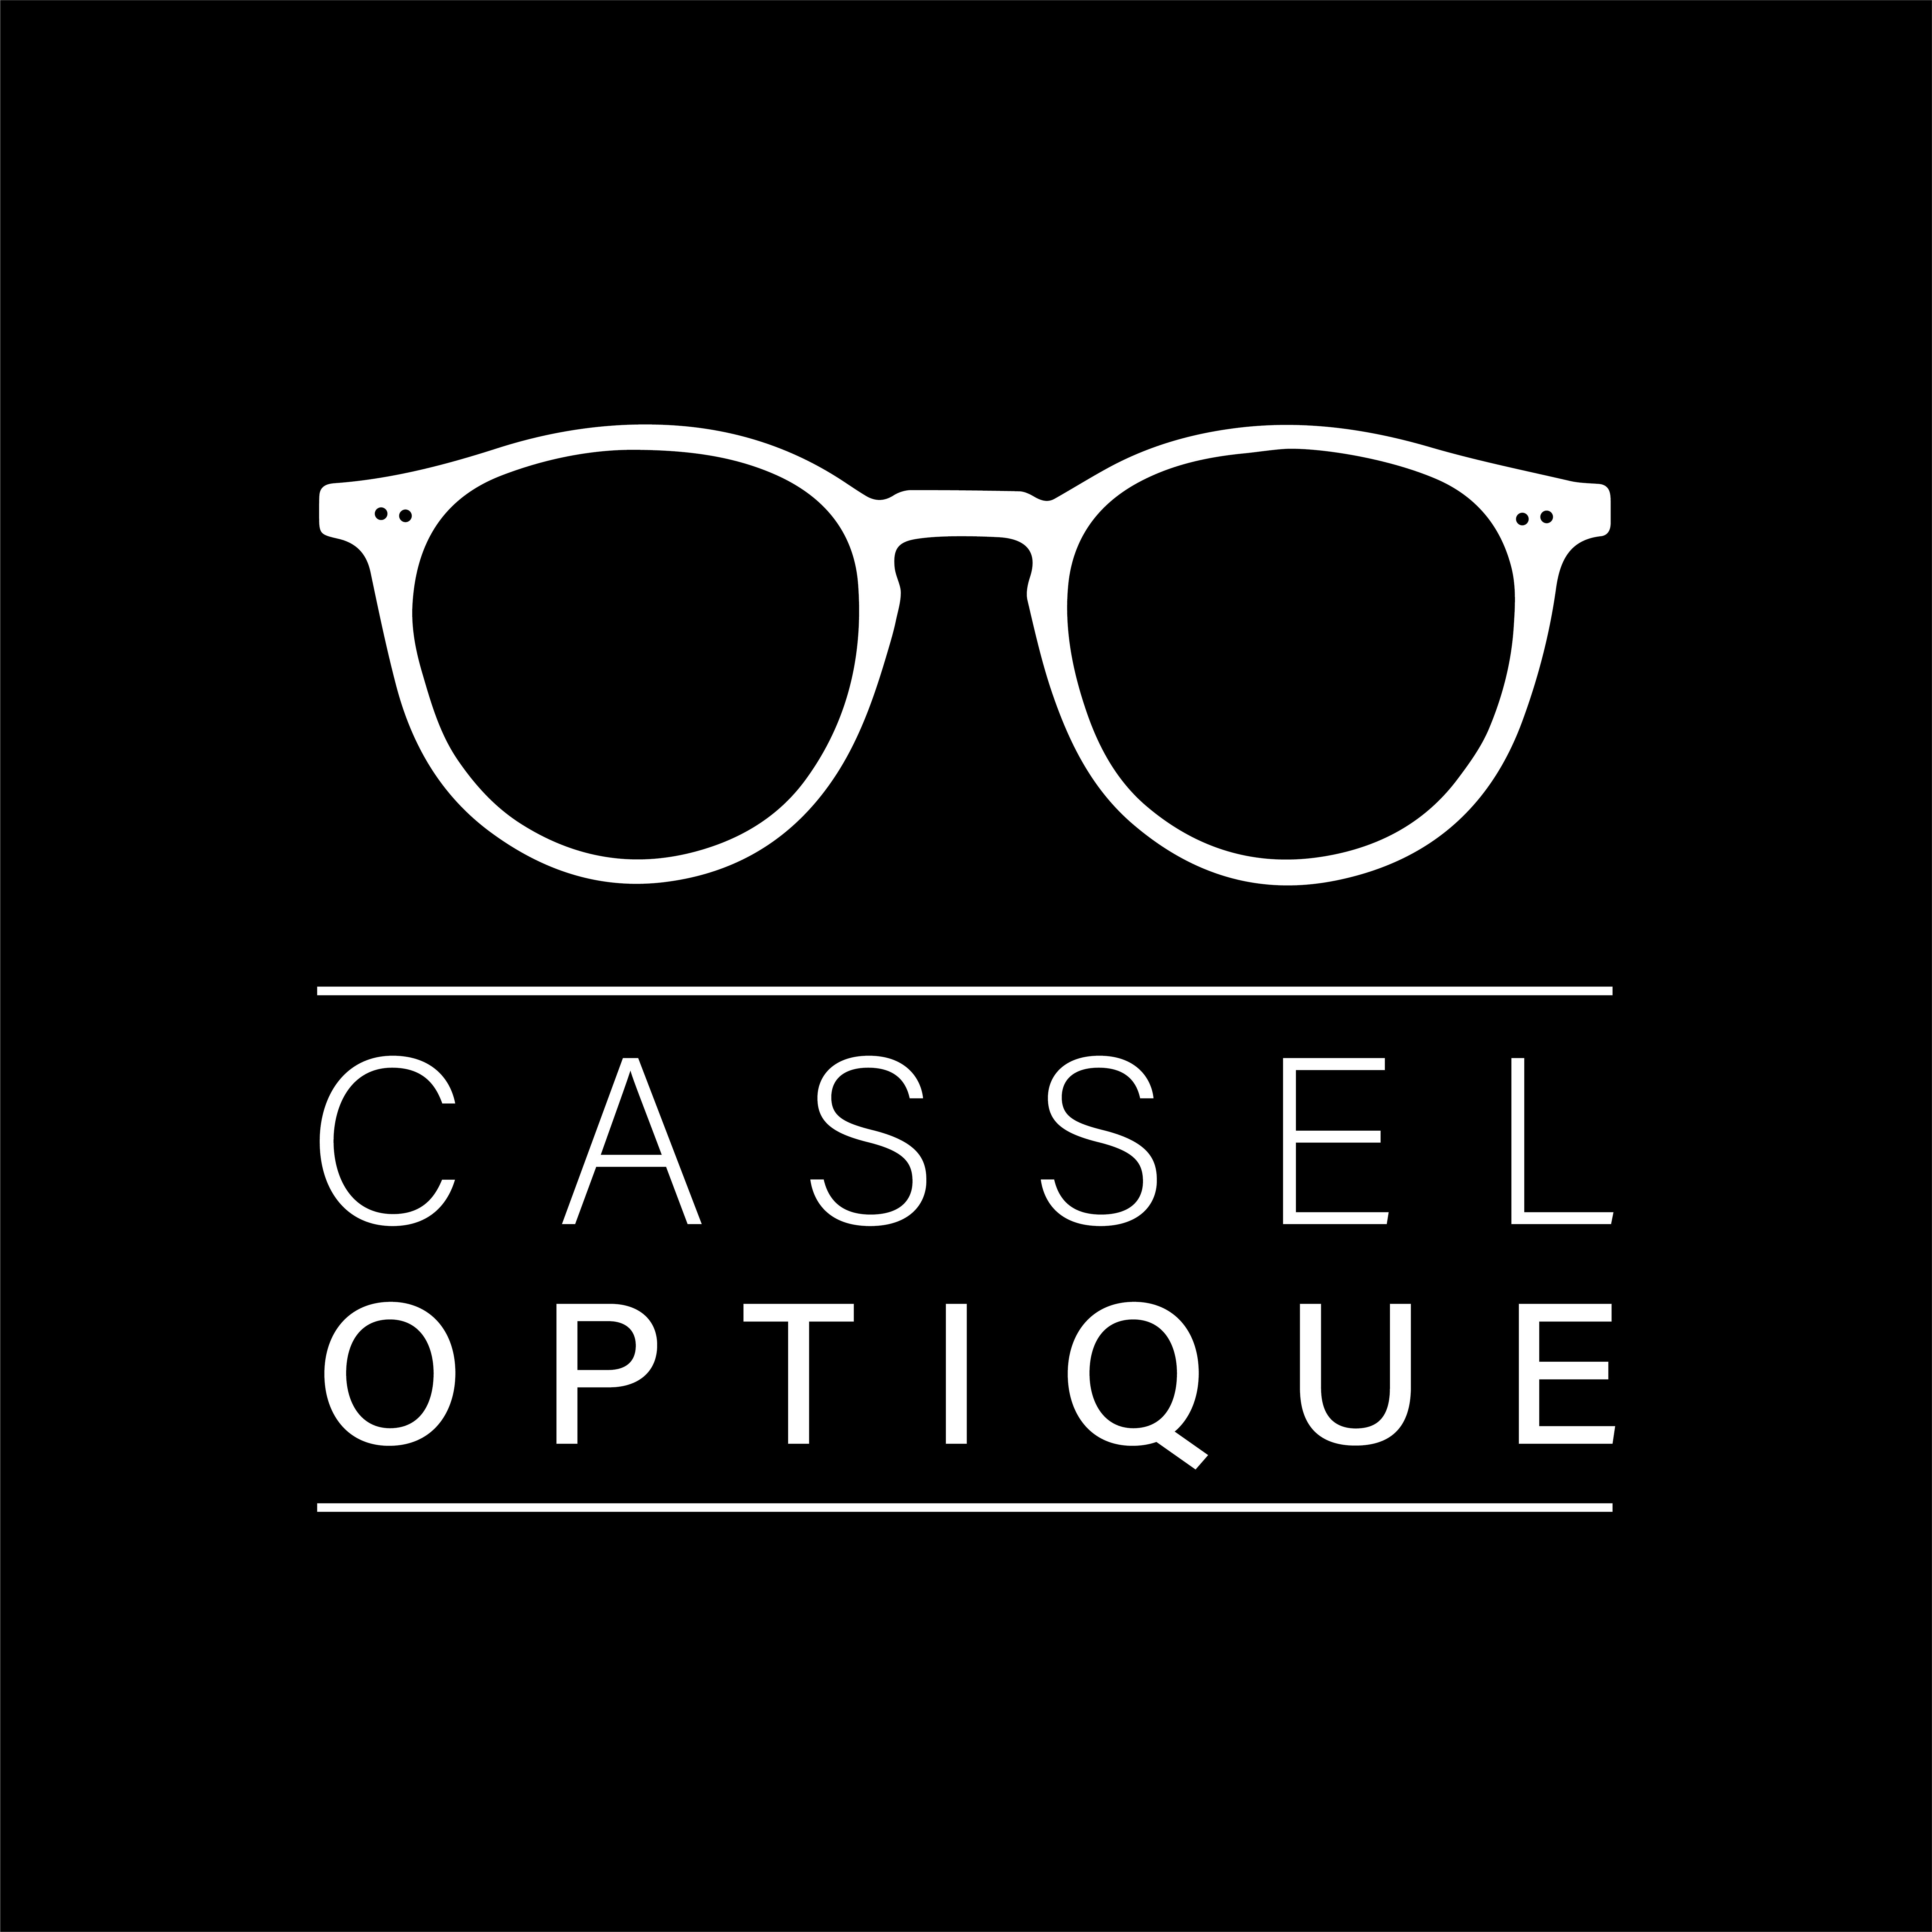 Cassel Optique